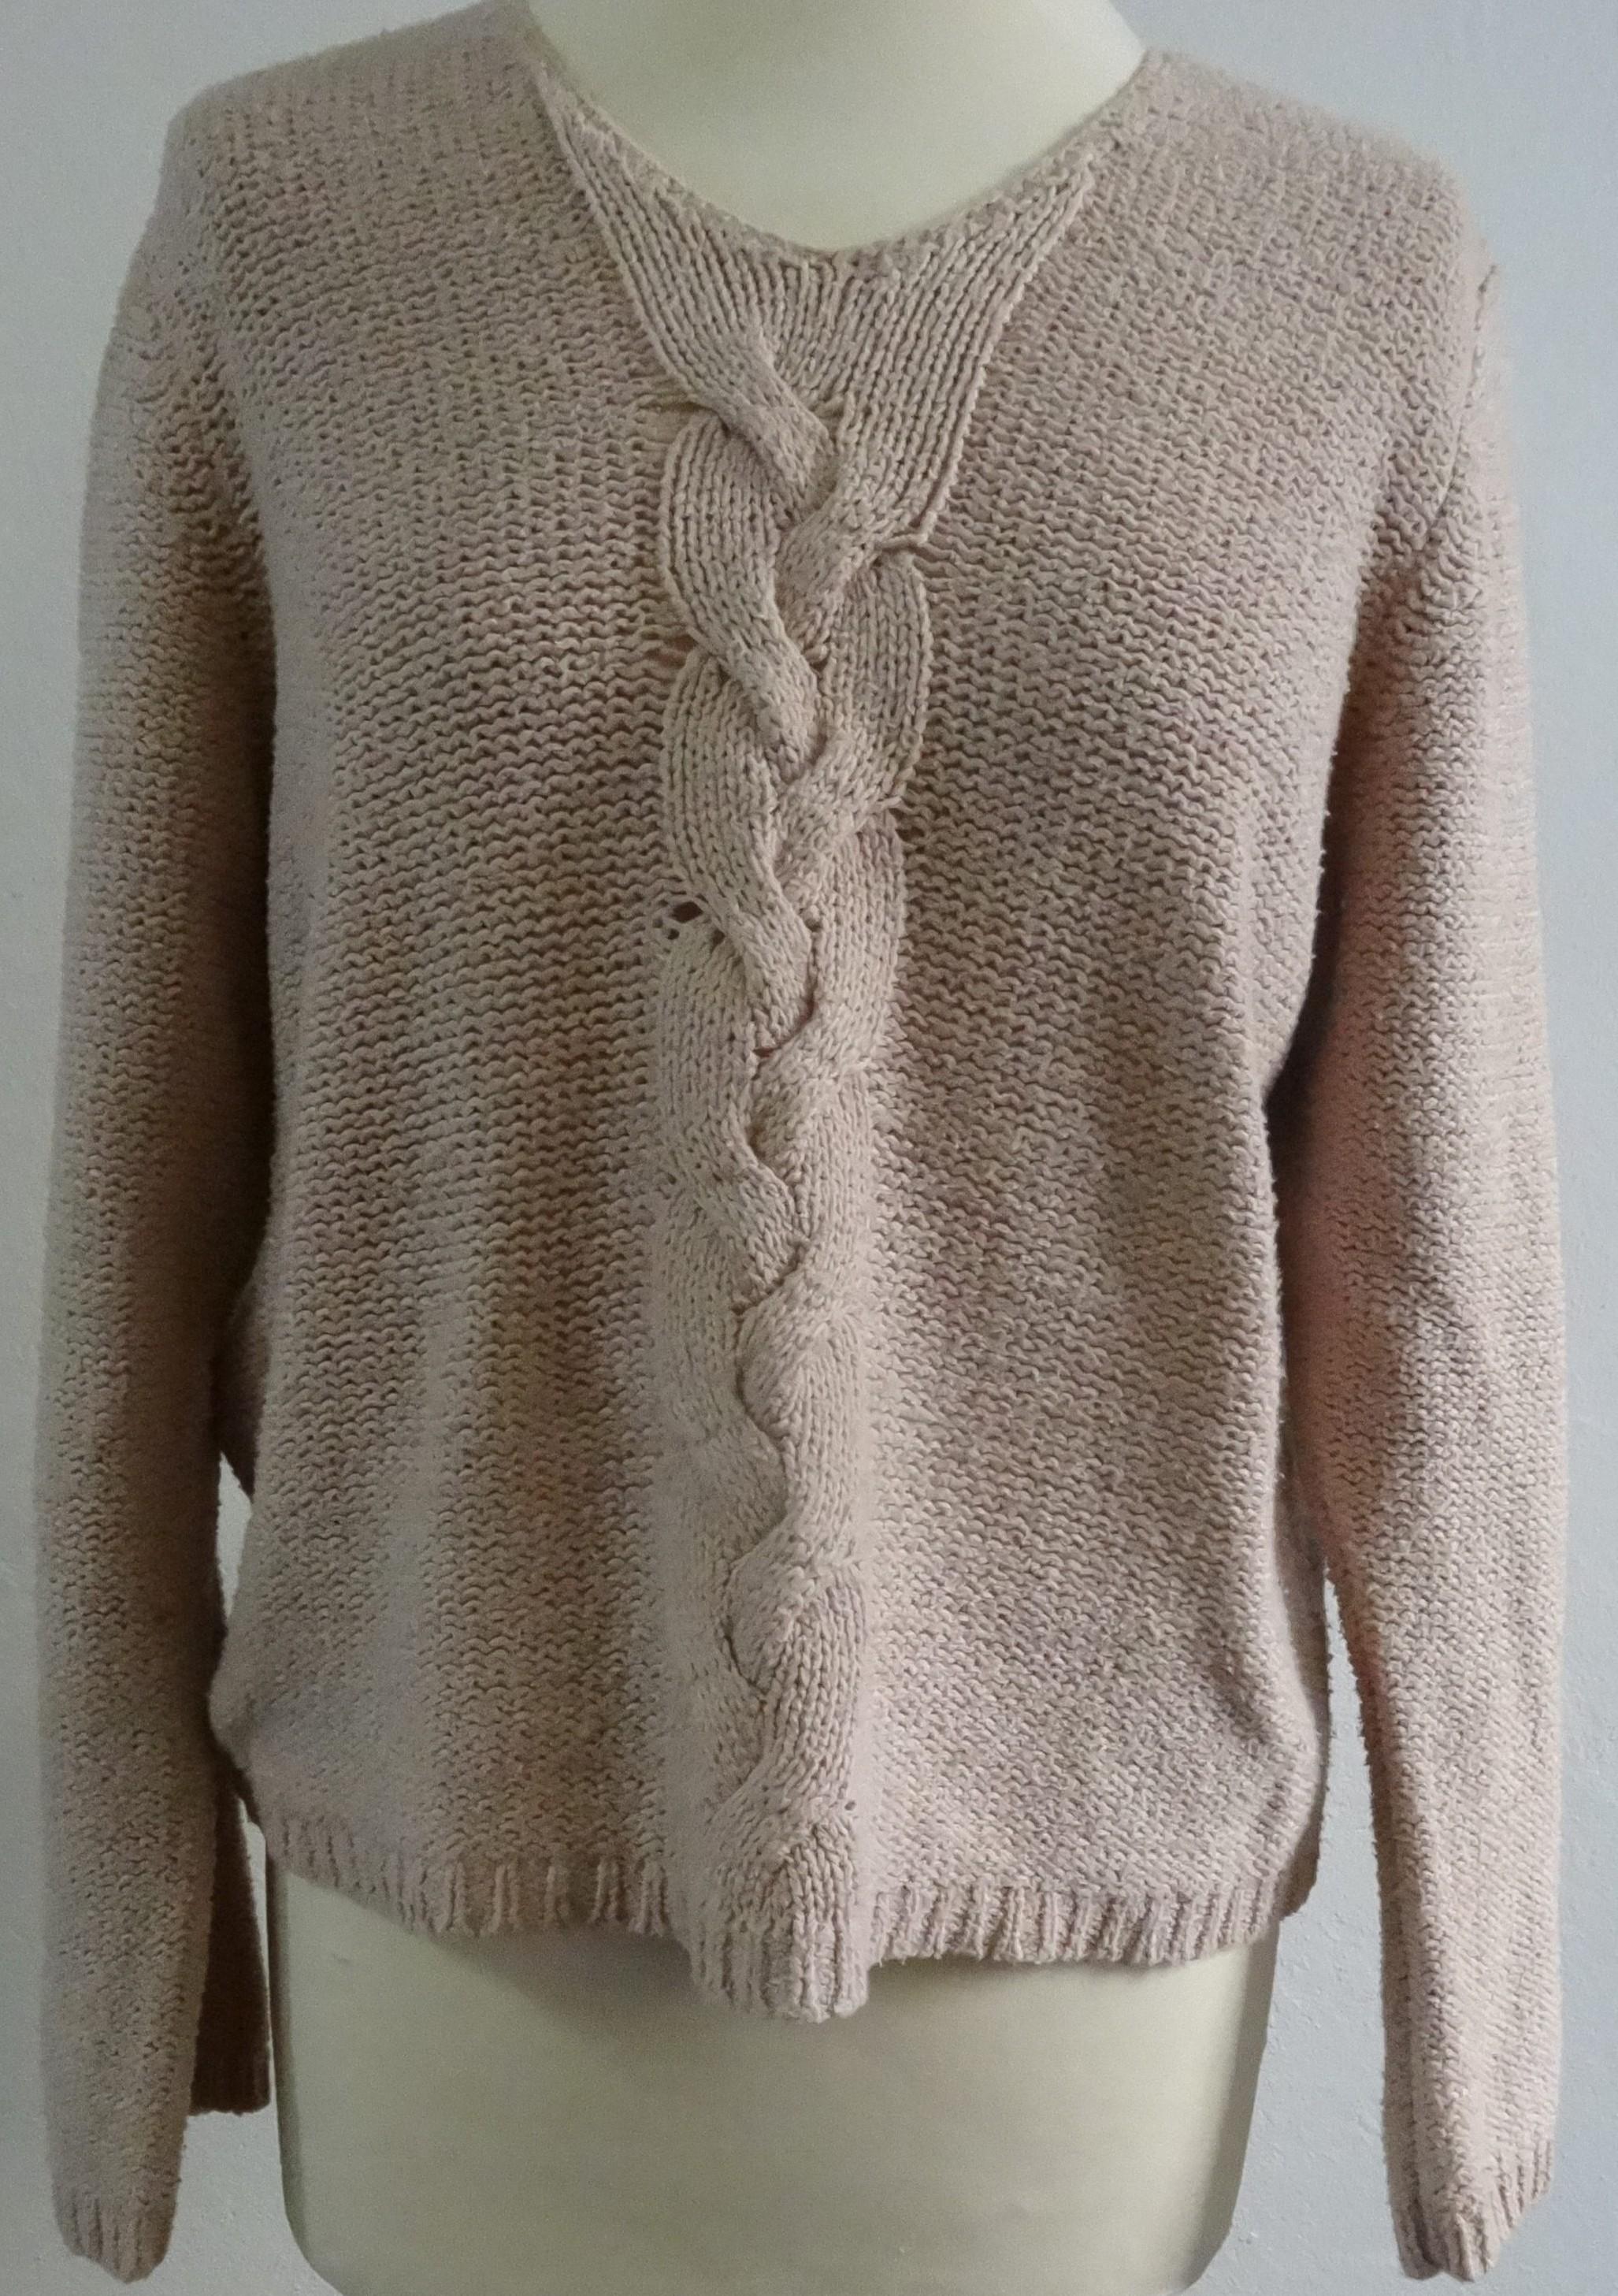 94ead78939d Dansk) Strik bluse - Care & Share Vintage